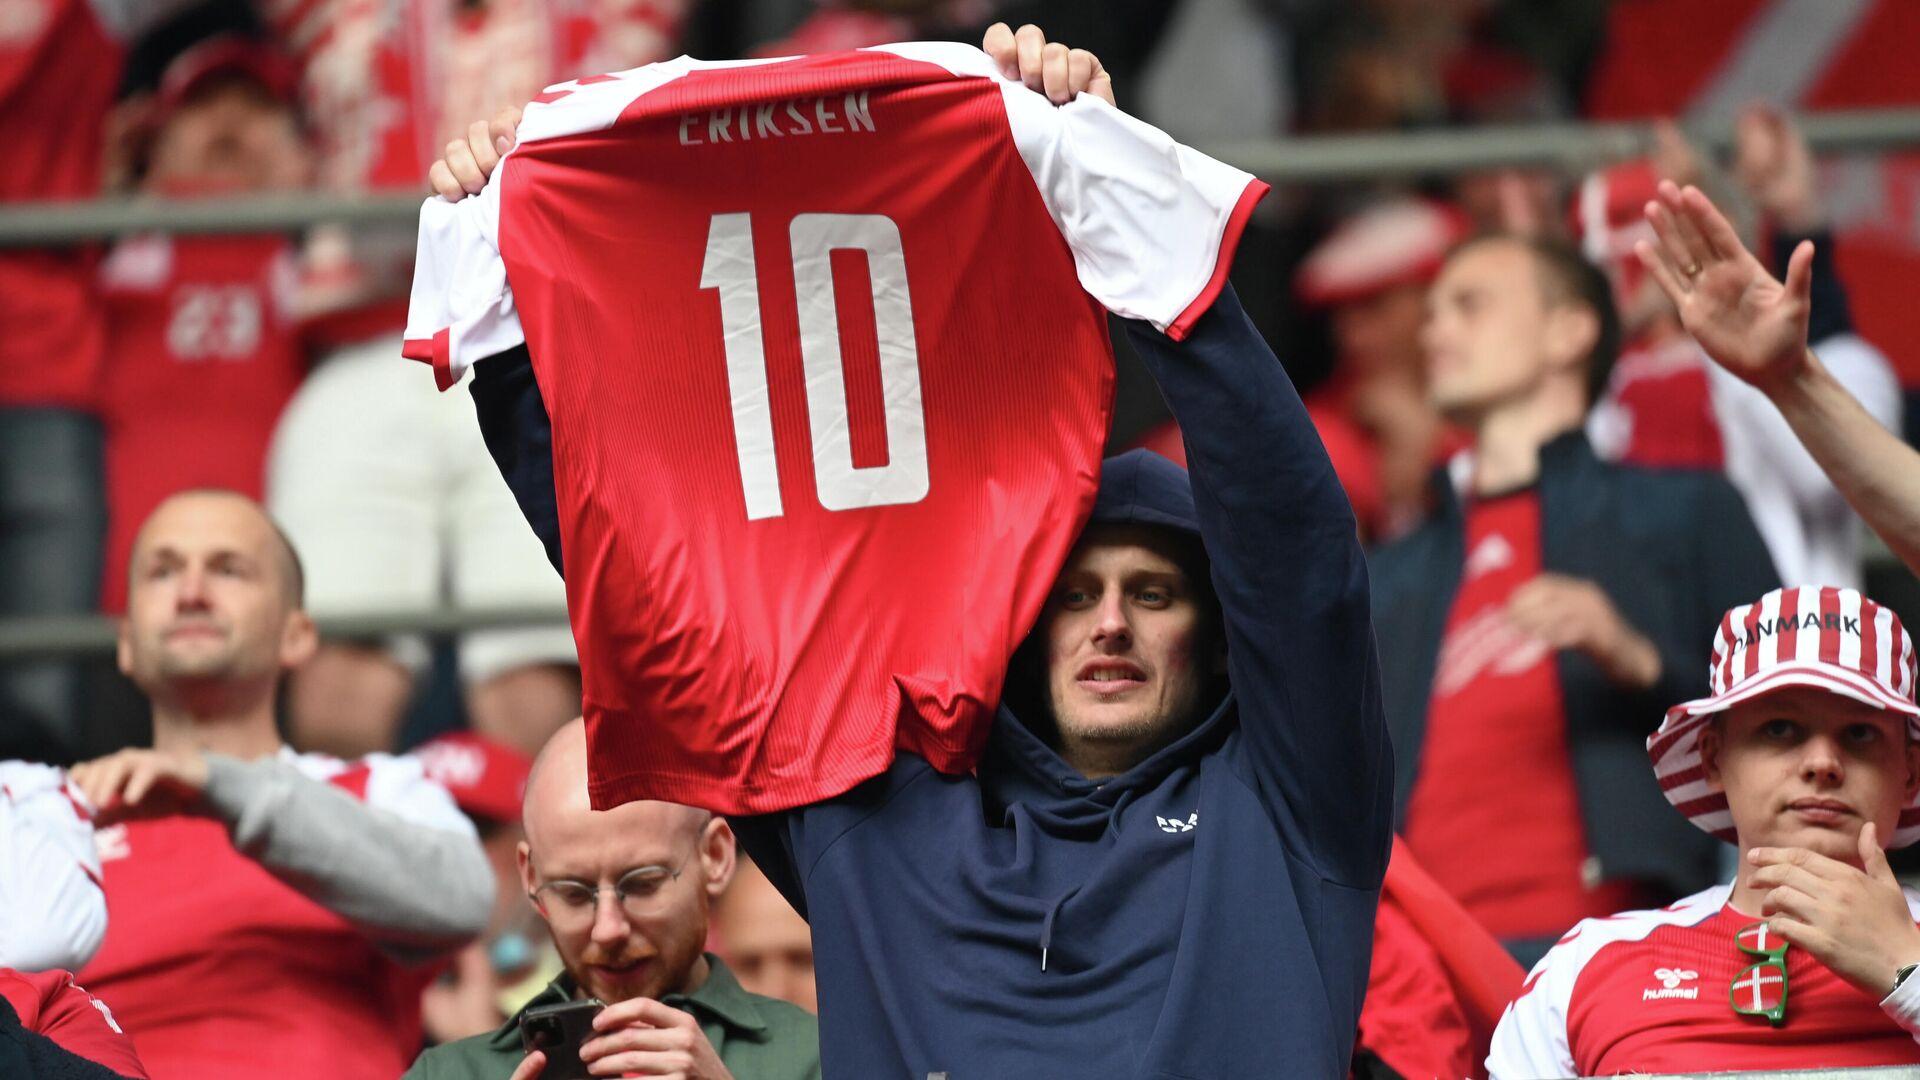 Болельщик сборной Дании держит футболку с номером Кристиана Эриксена - РИА Новости, 1920, 12.06.2021